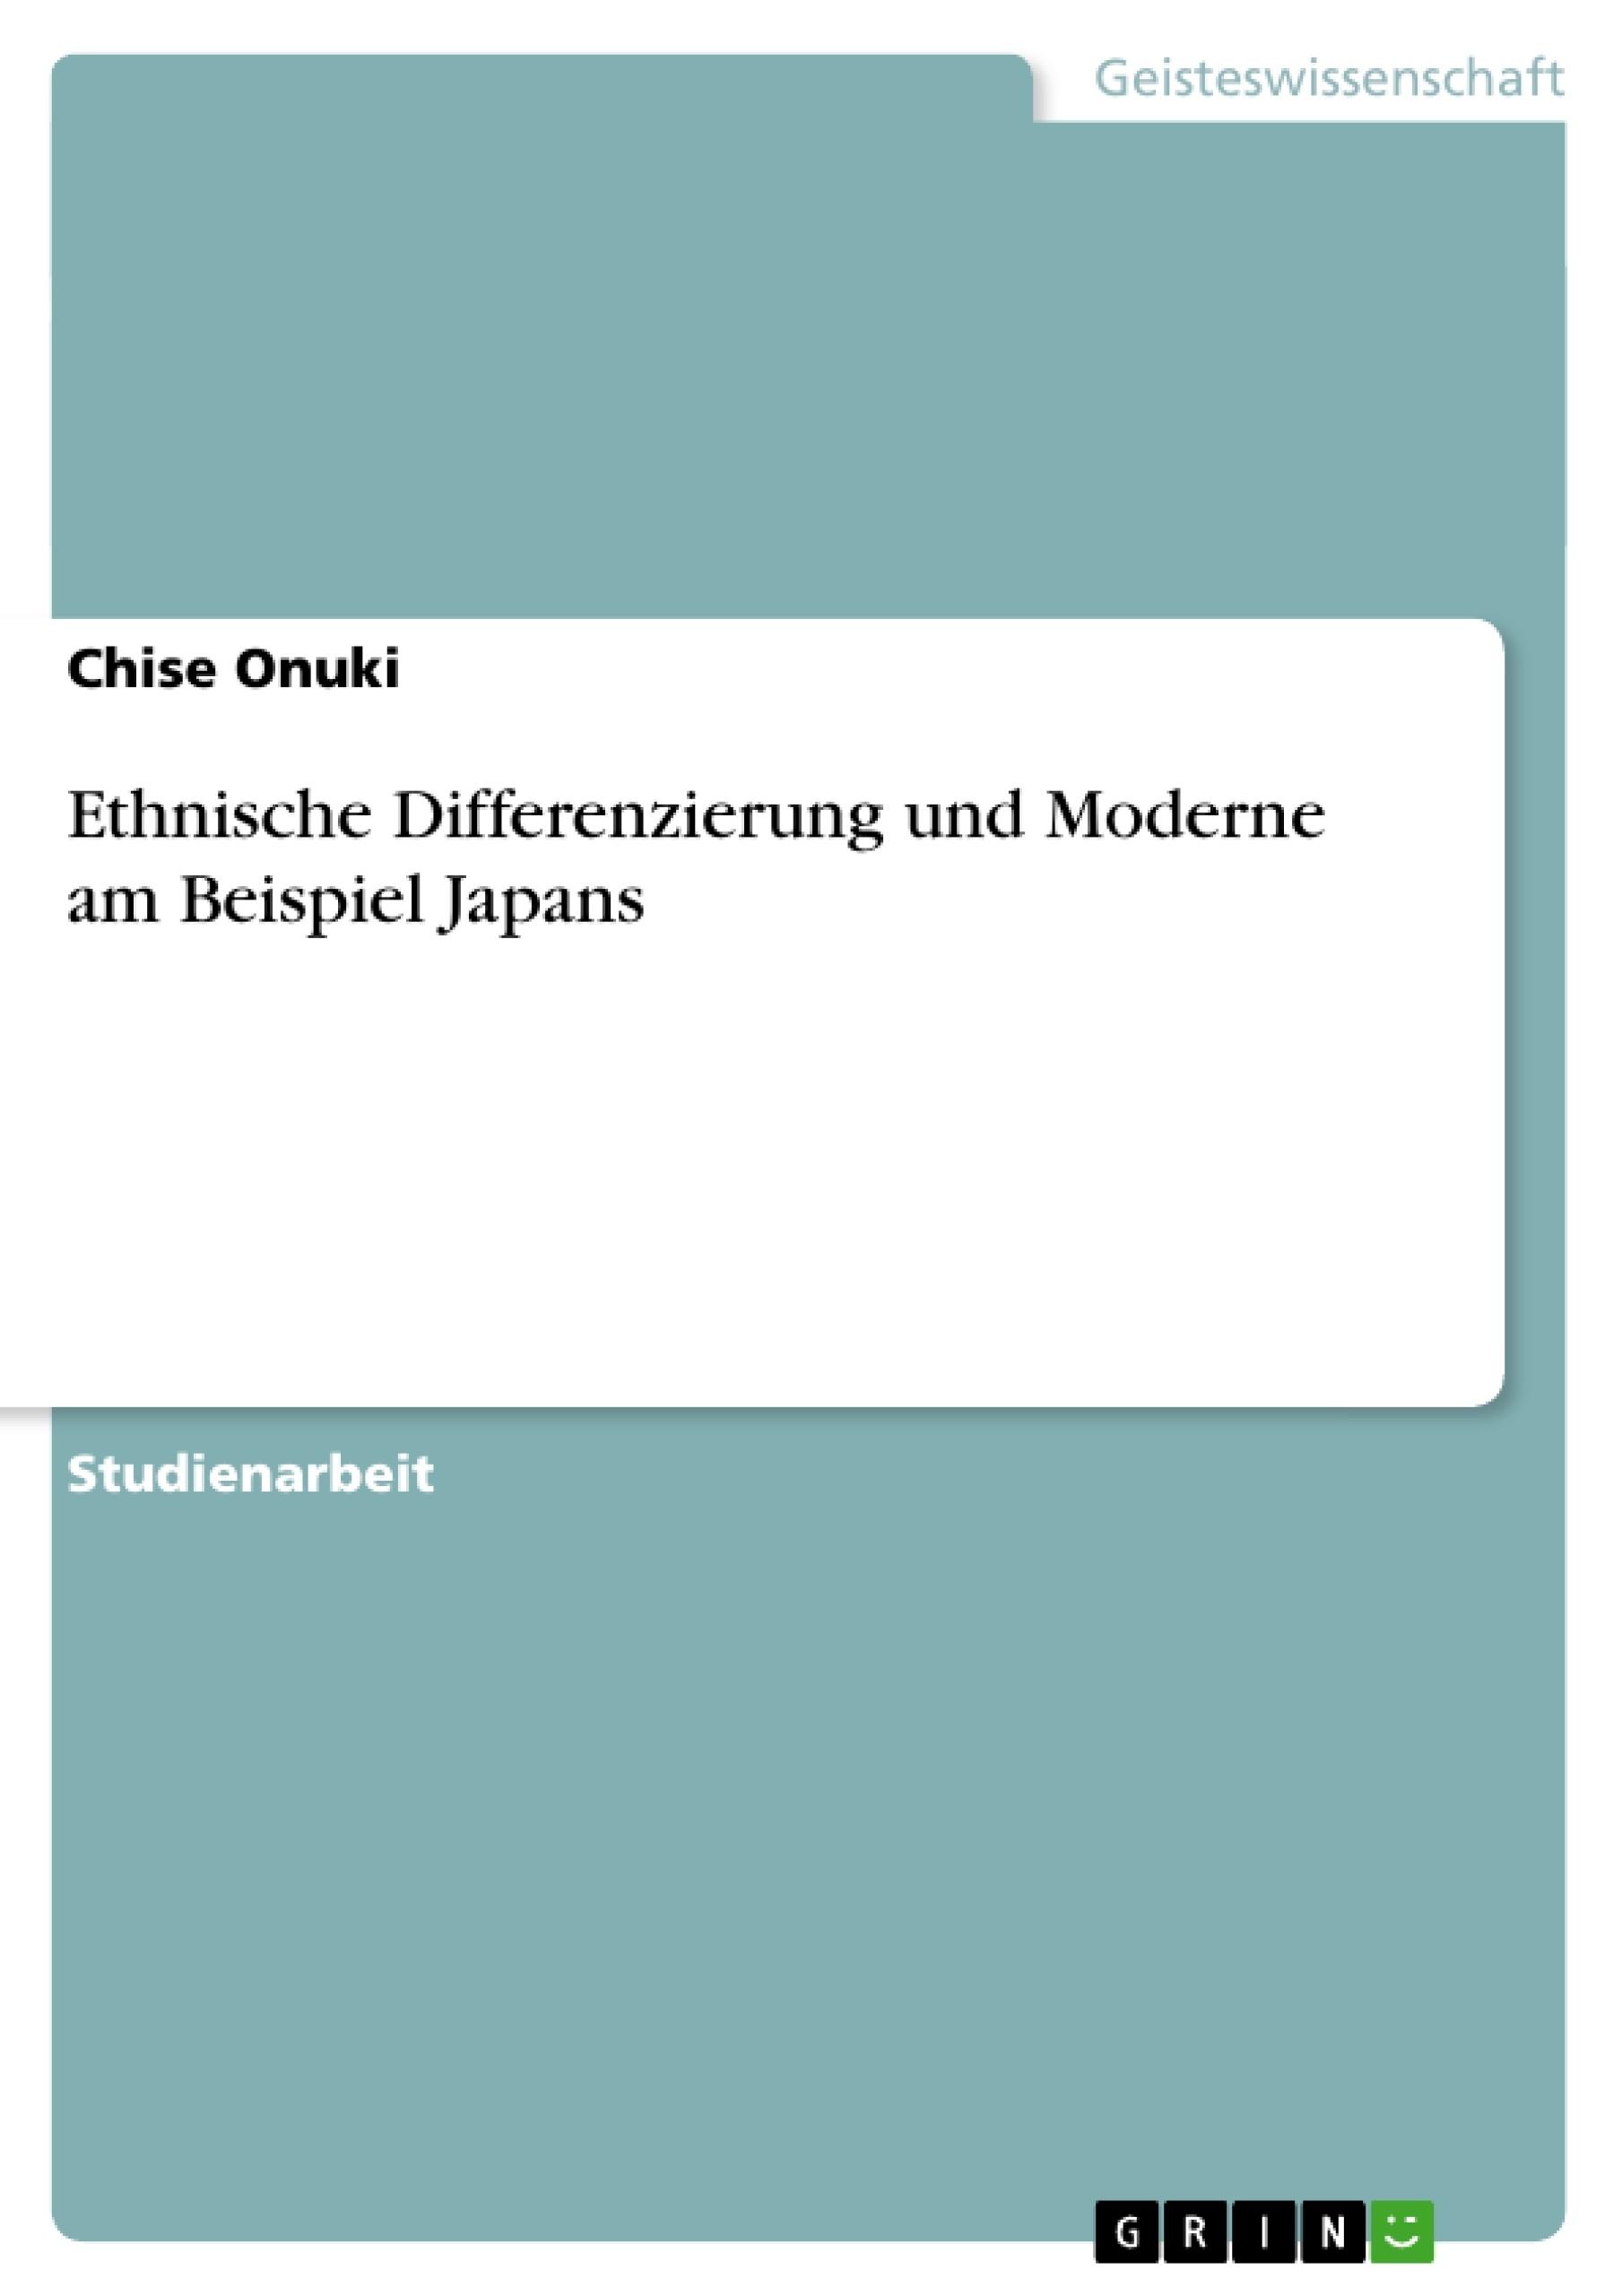 Titel: Ethnische Differenzierung und Moderne am Beispiel Japans